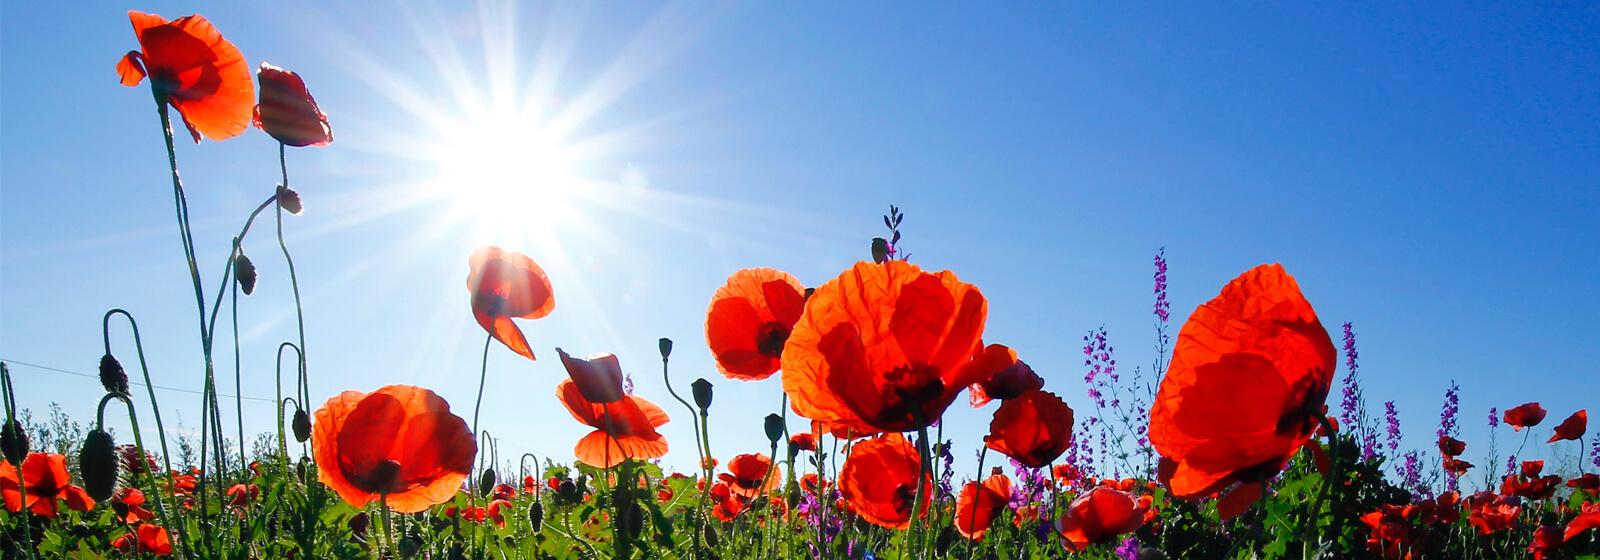 Spring flowers image slide